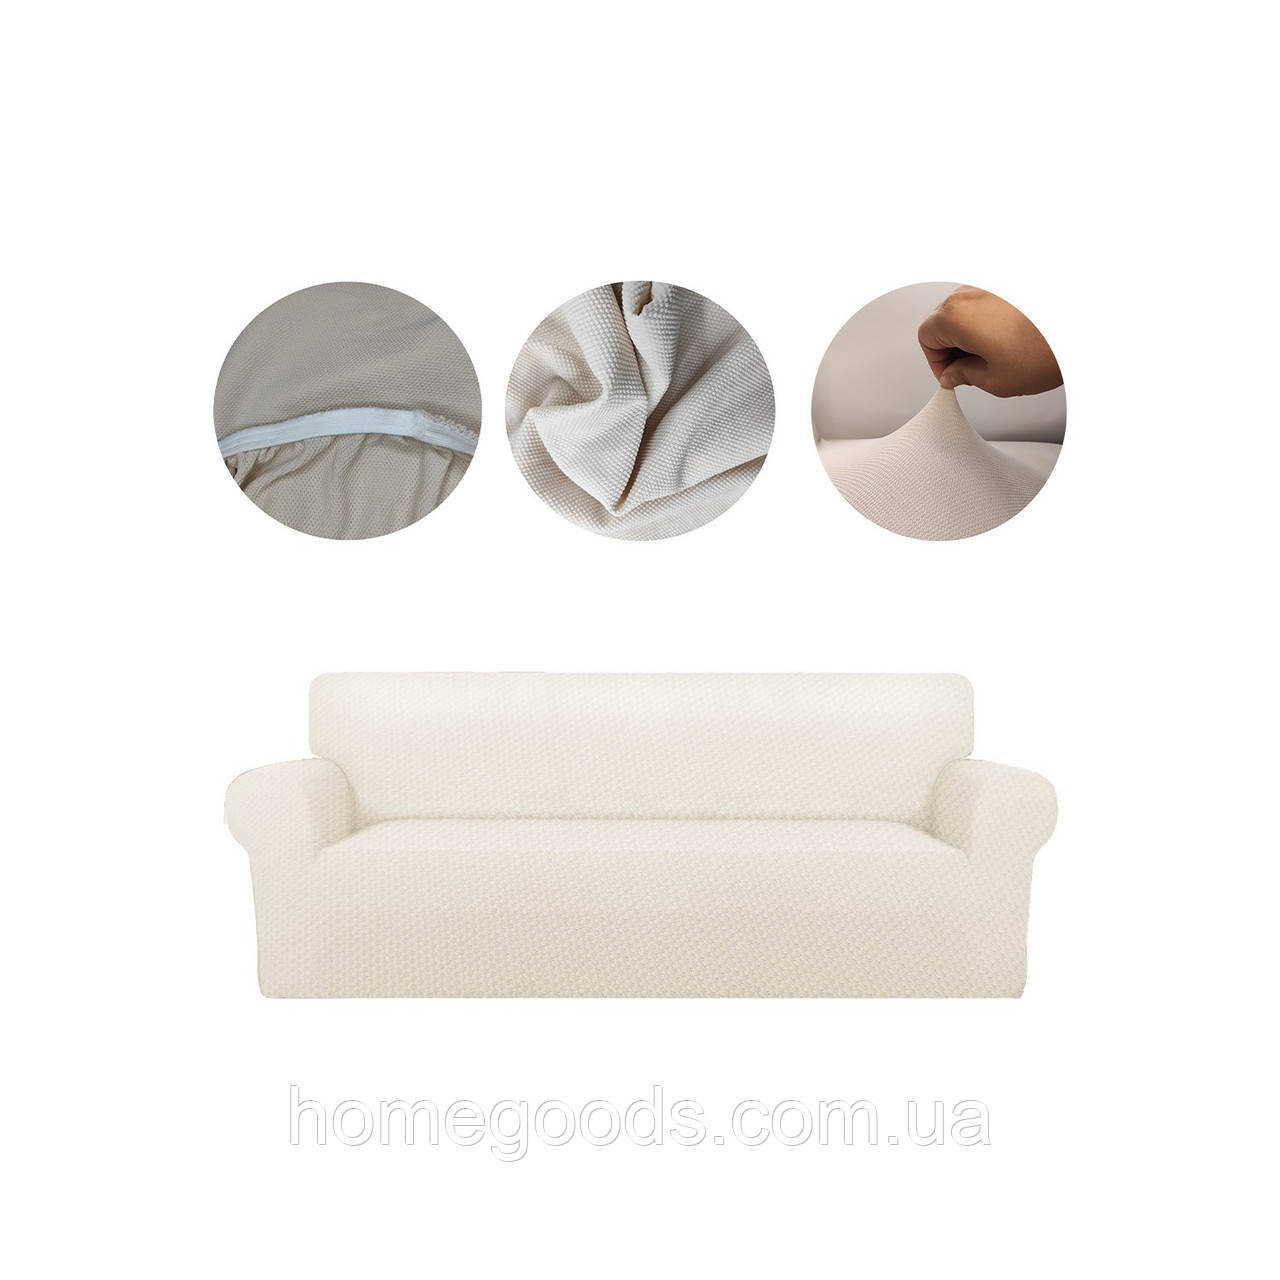 Универсальный Чехол на диван Молочный